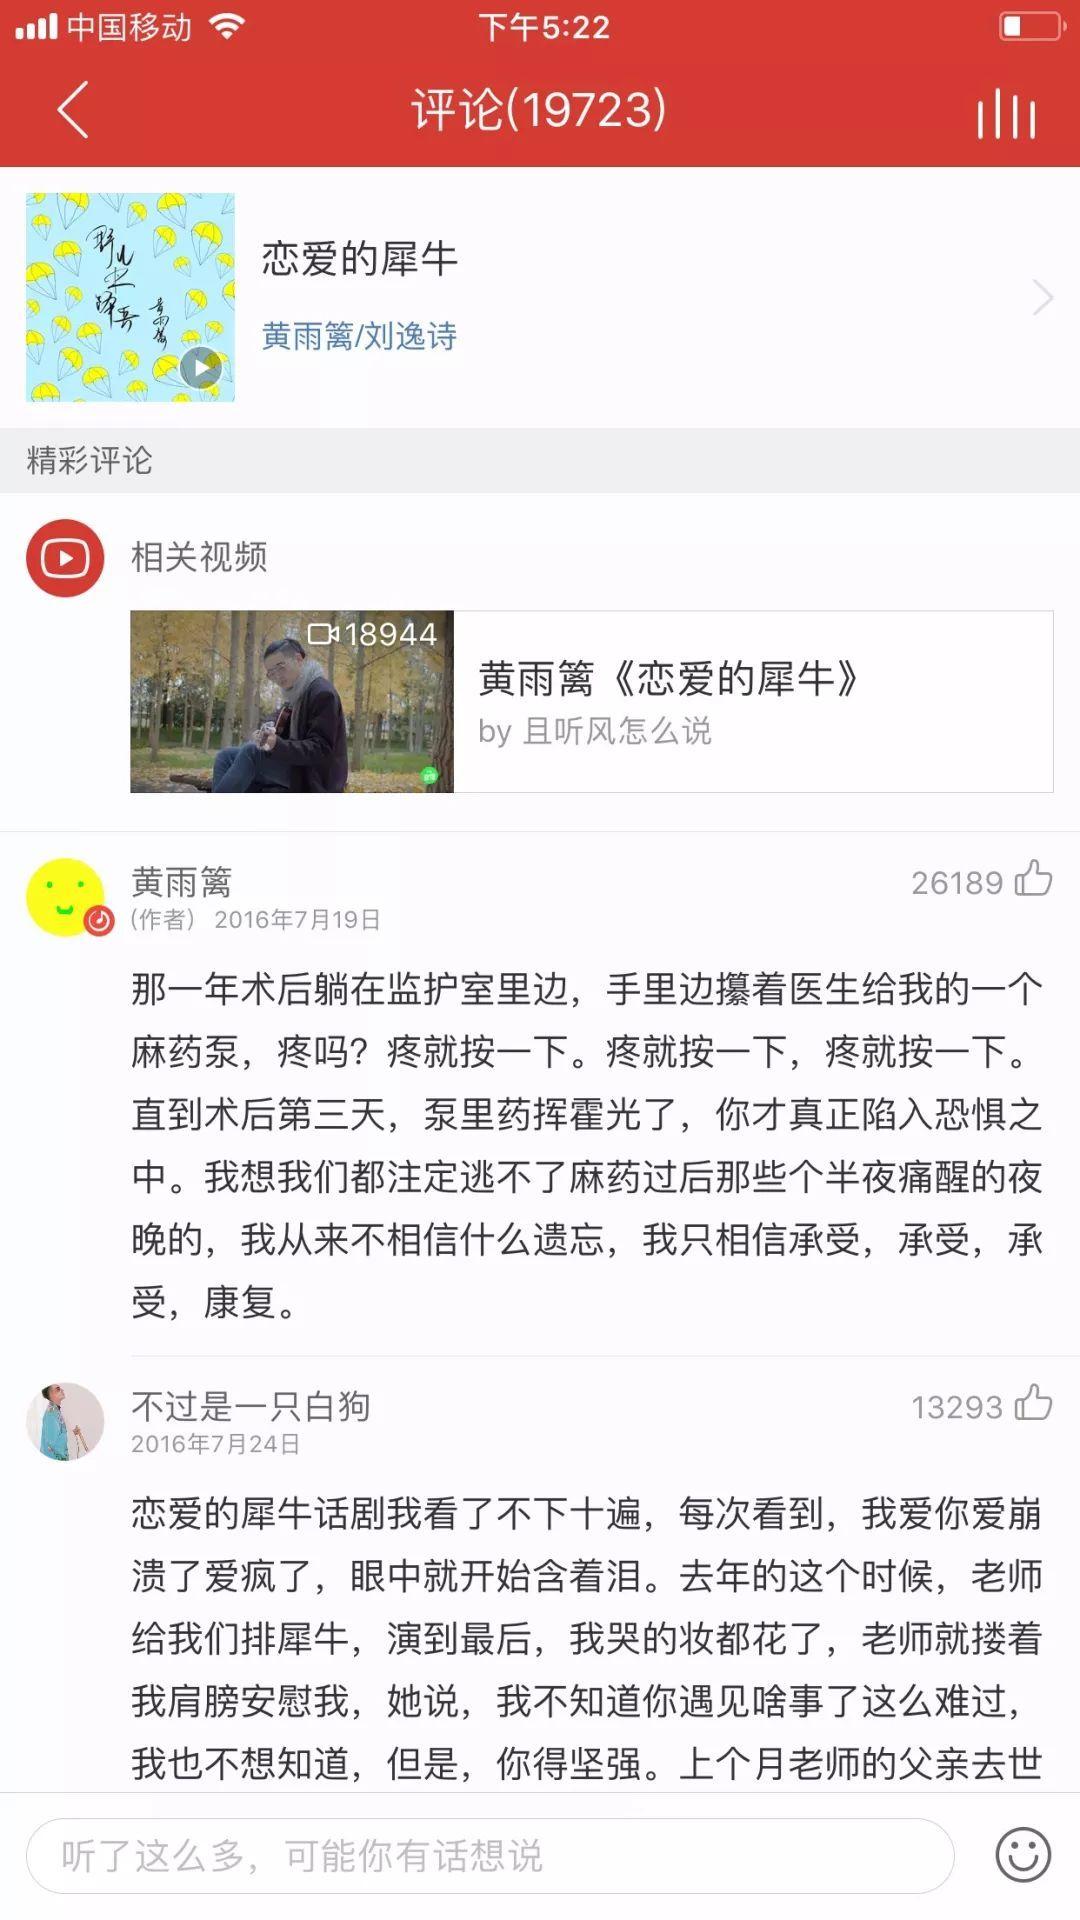 黄雨篱原创单曲《恋爱的犀牛》在网易云音乐上拥有了近2万条评论